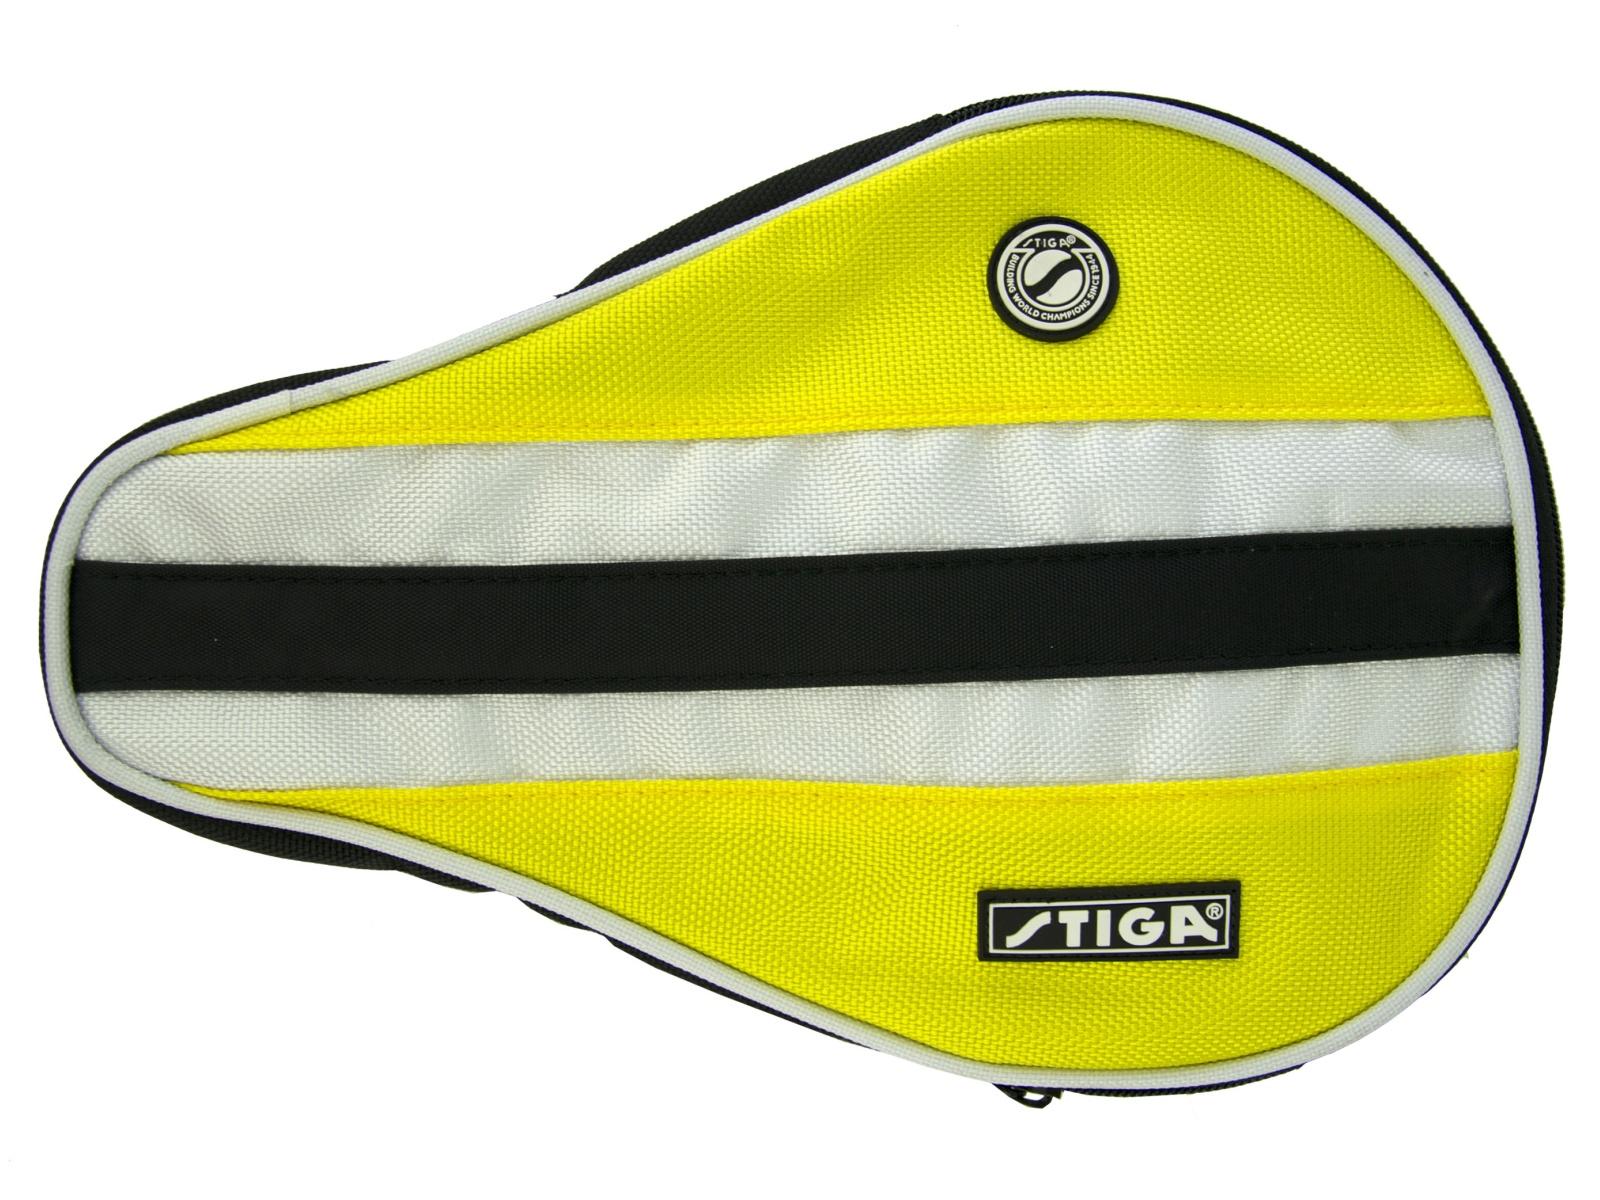 Obal na pálku na stolní tenis STIGA Batcover žlutá